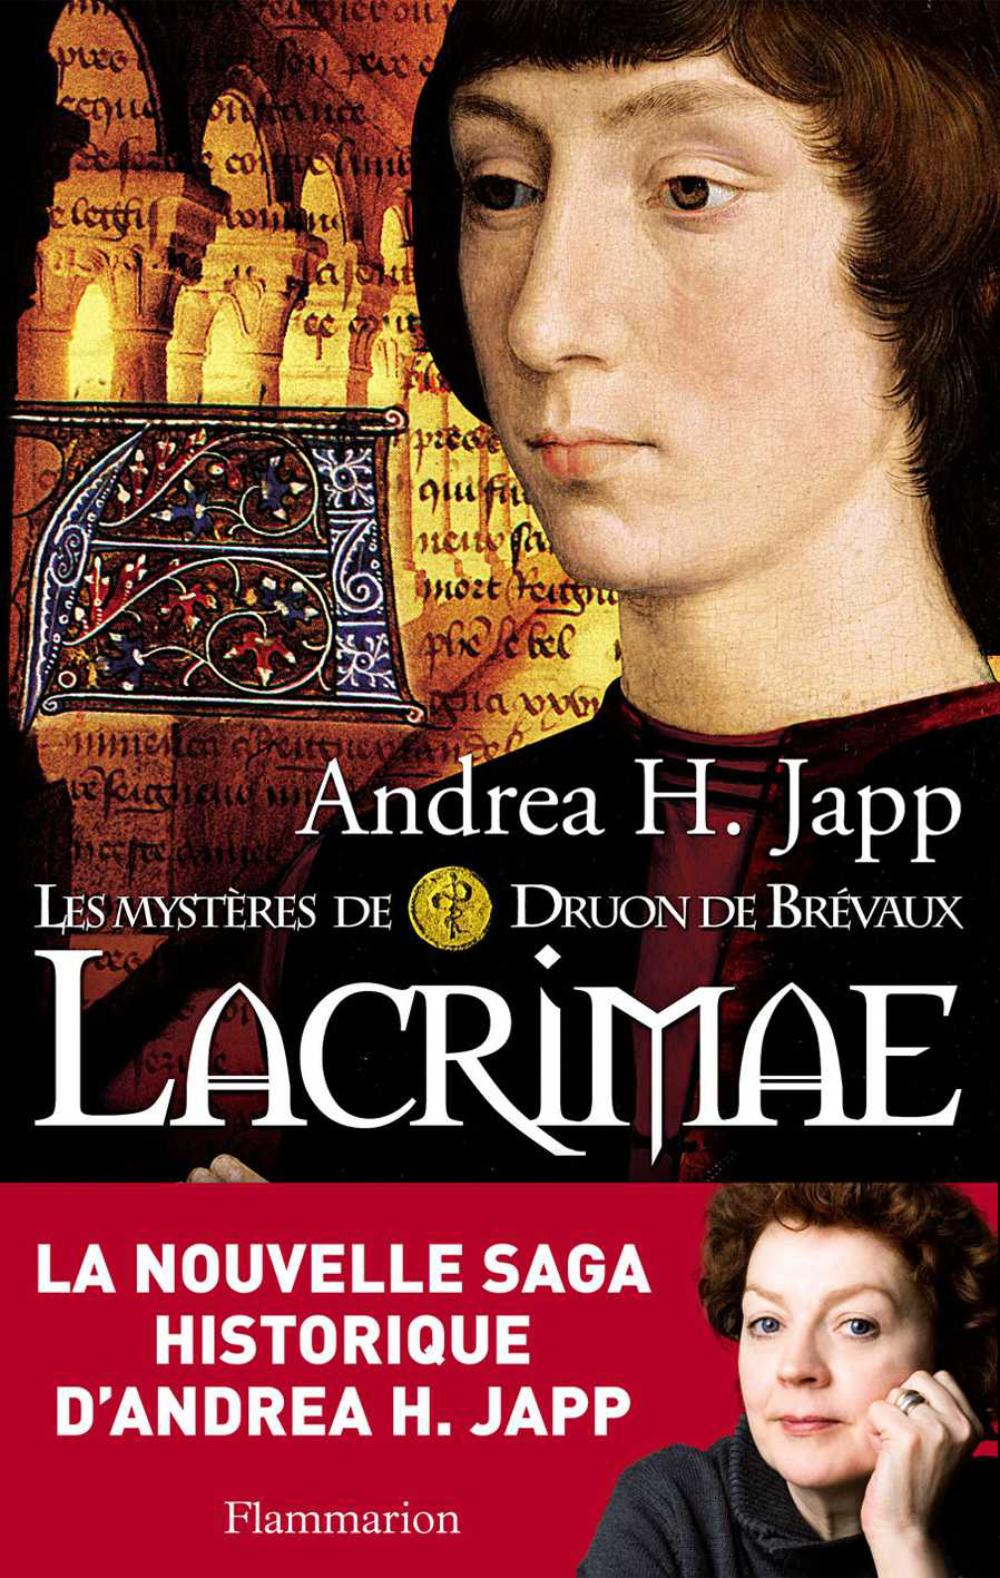 Les mystères de Druon de Brévaux (Tome 2) - Lacrimae | Japp, Andrea H.